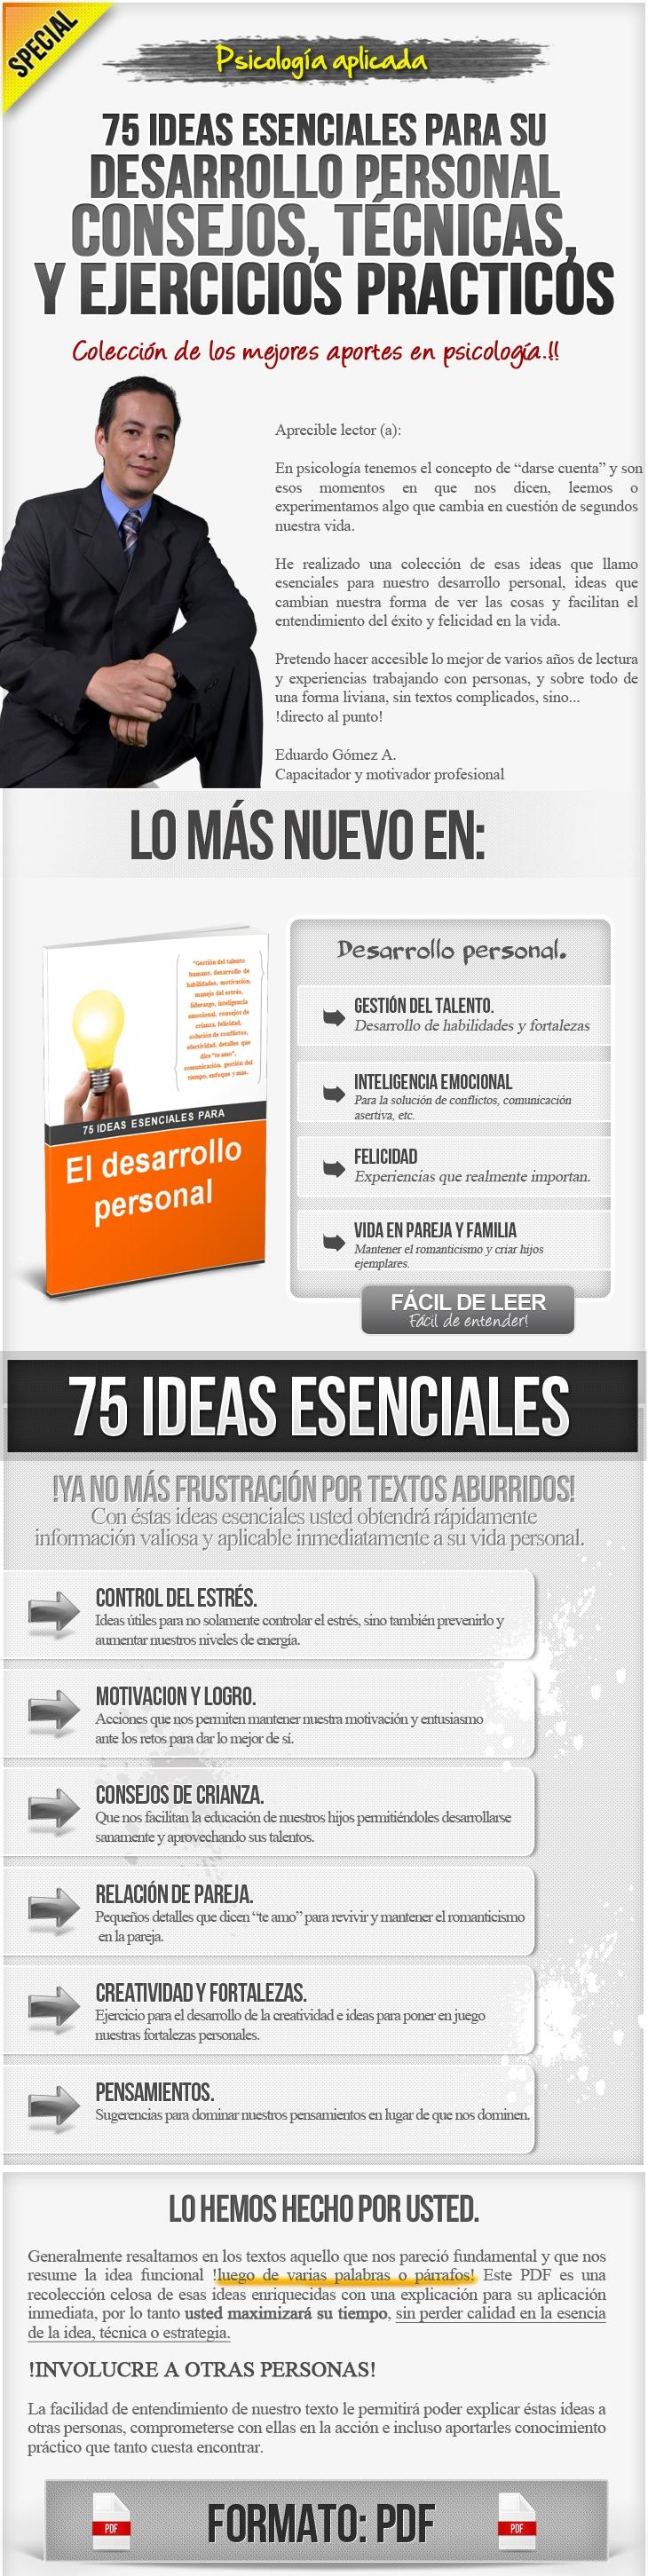 PDF con 75 ideas esenciales